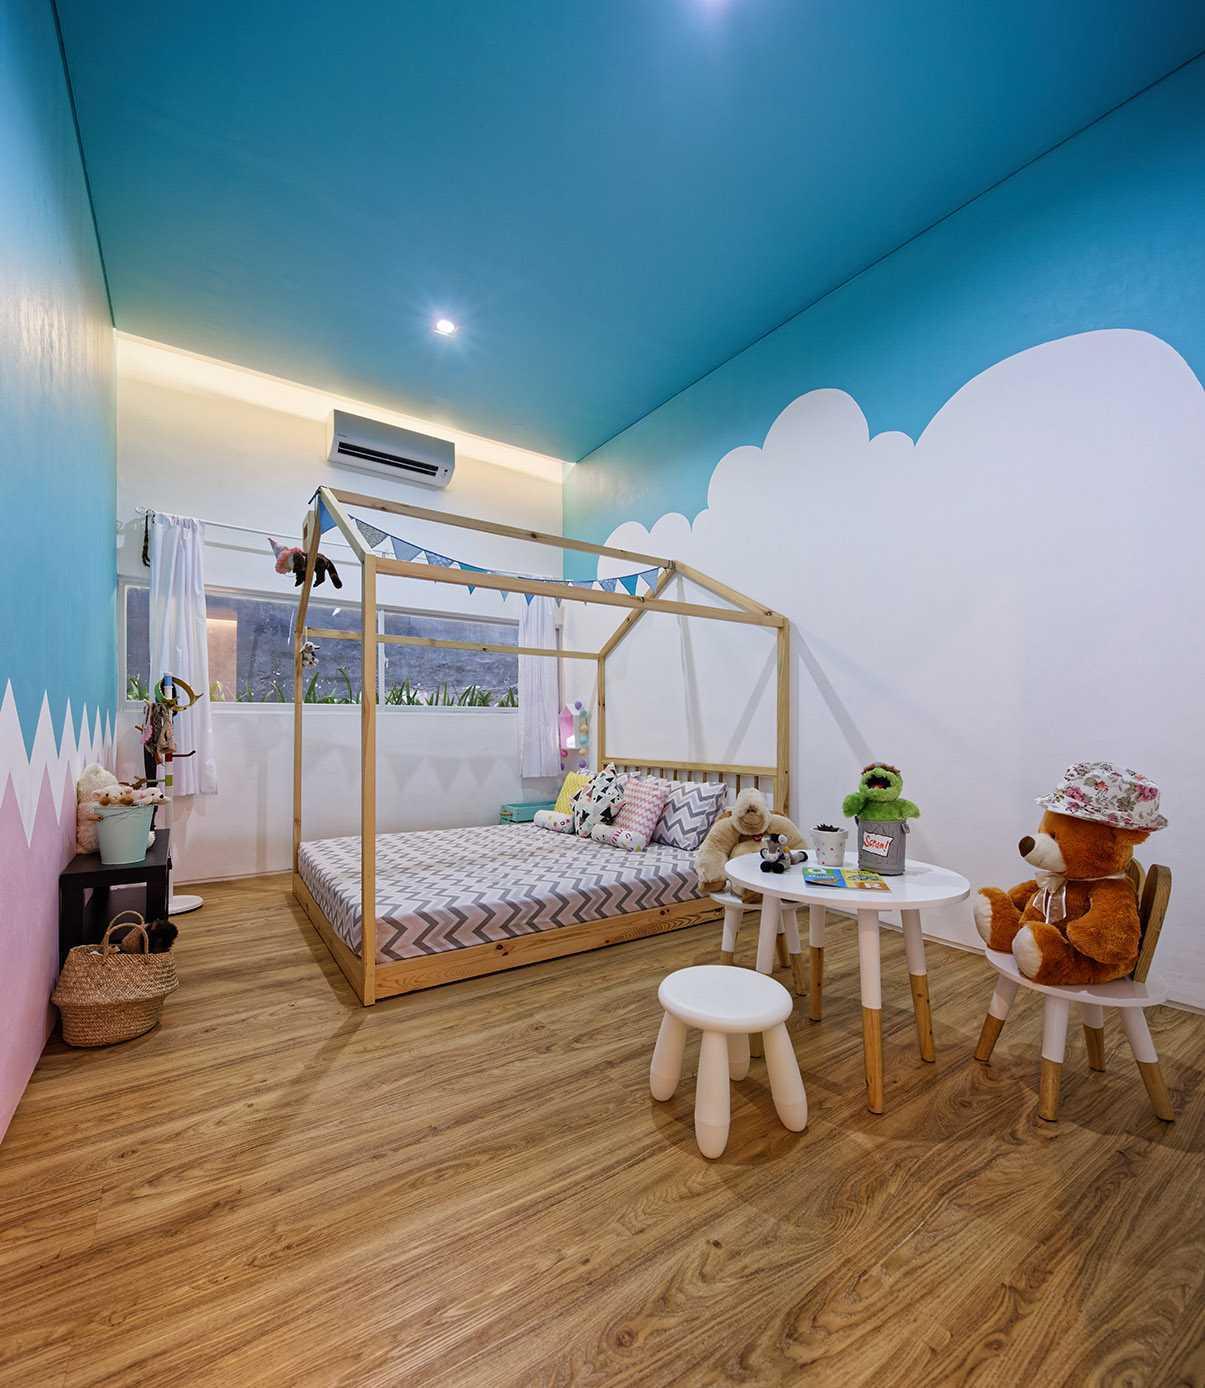 Kamar dengan nuansa biru di rumah tinggal ini sebenarnya didesain sebagai kamar anak. Namun, bukan berarti Anda tak bisa menerapkan corak langit yang tampak menenangkan ini di kamar Anda. Tak hanya memberikan kesan dreamy, kamar pun tampak semakin luas.